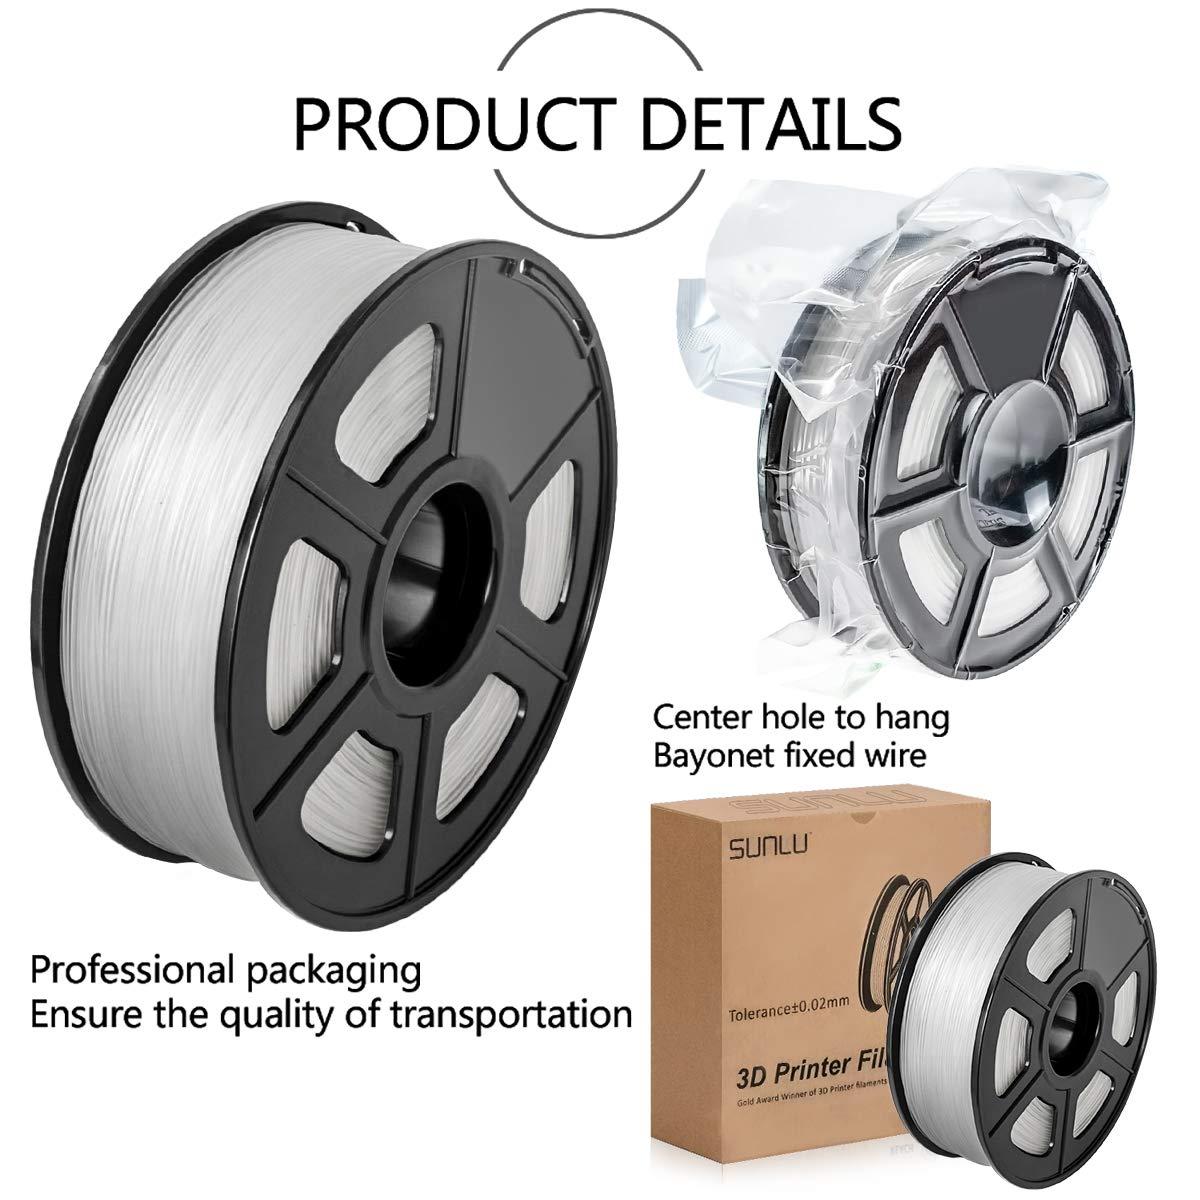 1kg SUNLU 3D Printer Filament ABS Blue 1.75mm ABS 3D Printer Filament 3D Printing Filament ABS for 3D Printer